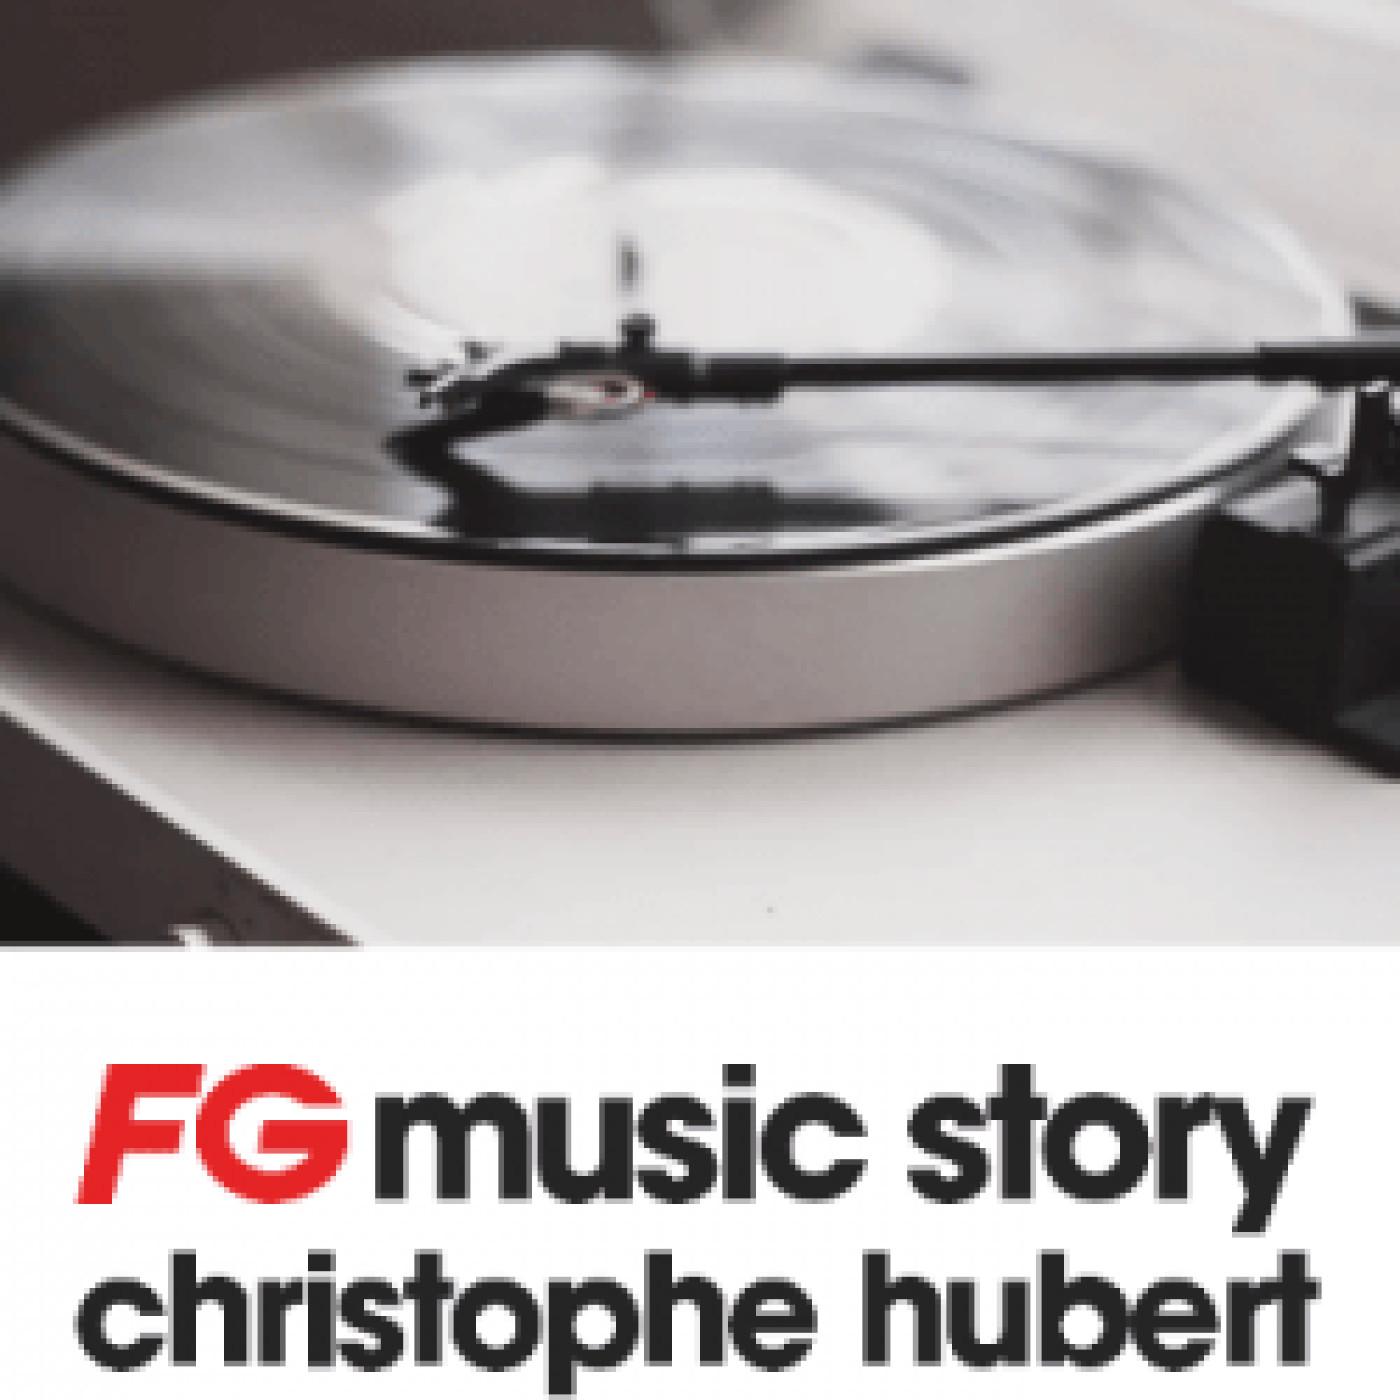 FG MUSIC STORY : ALUNA